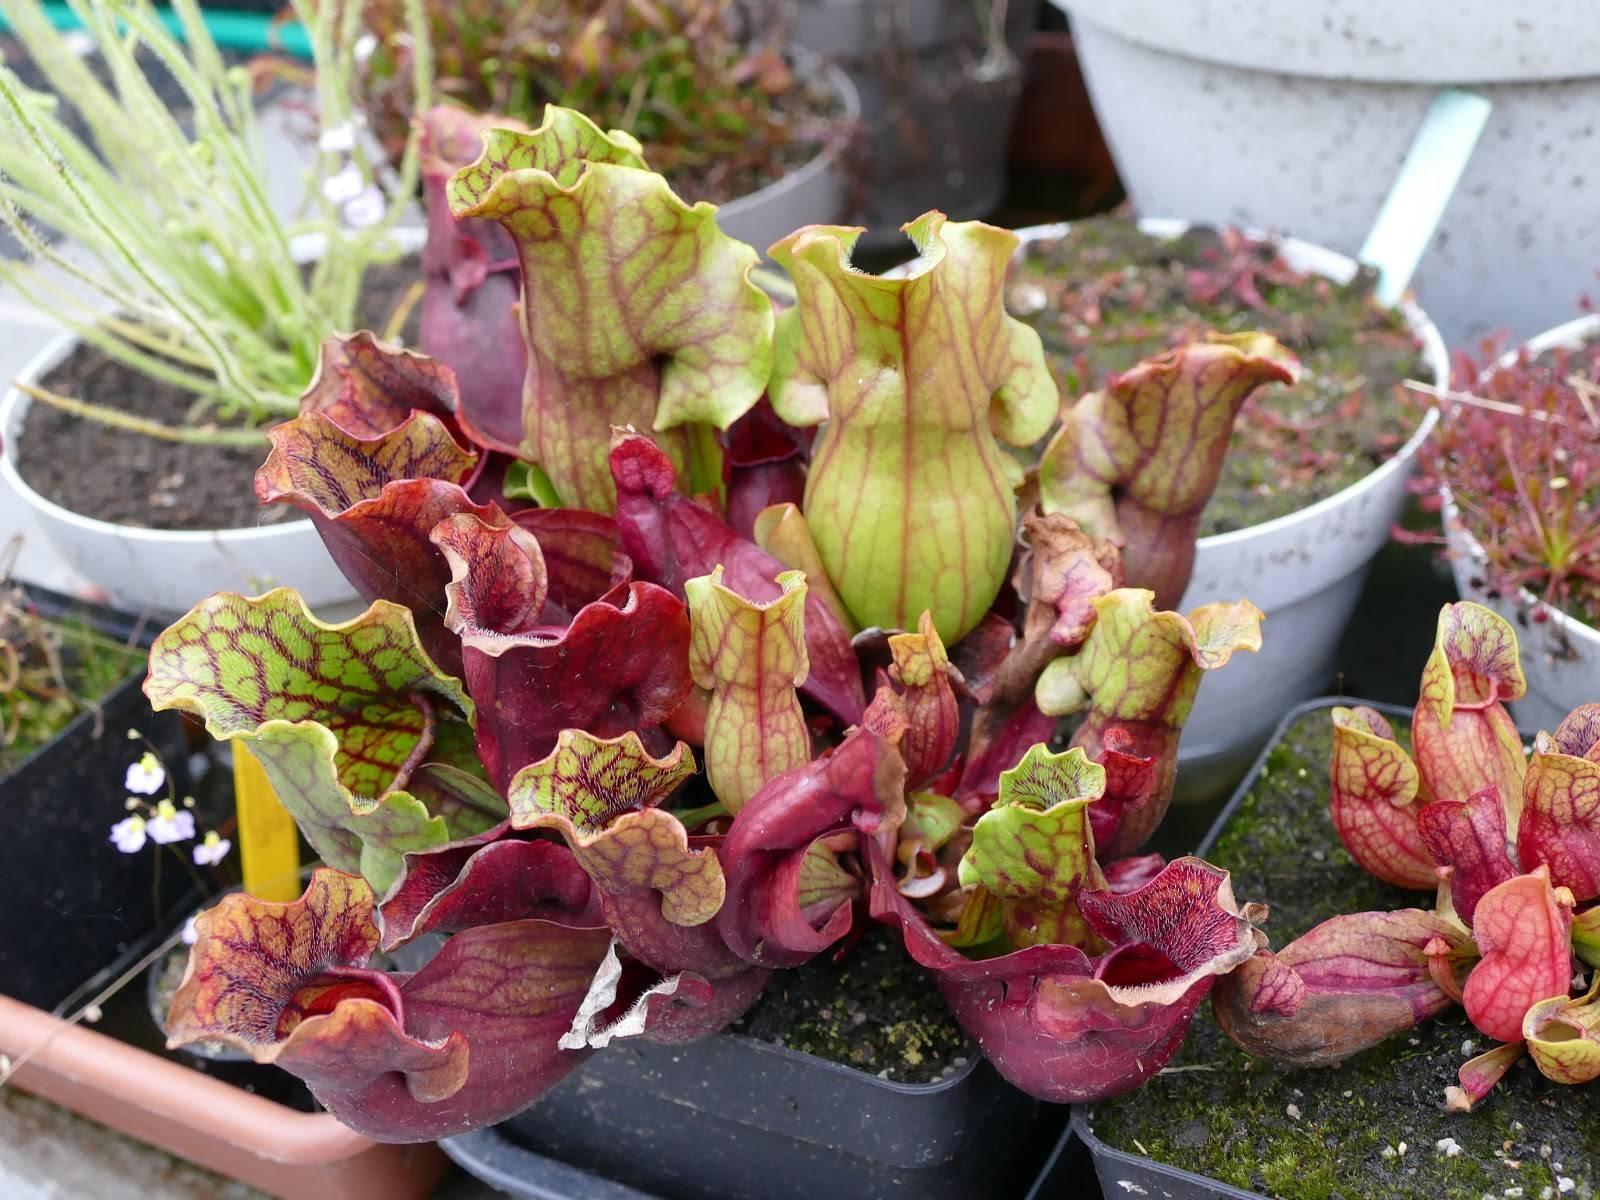 Популярный сорт розы типа флорибунда фрезия: выращивание жёлтого гибрида